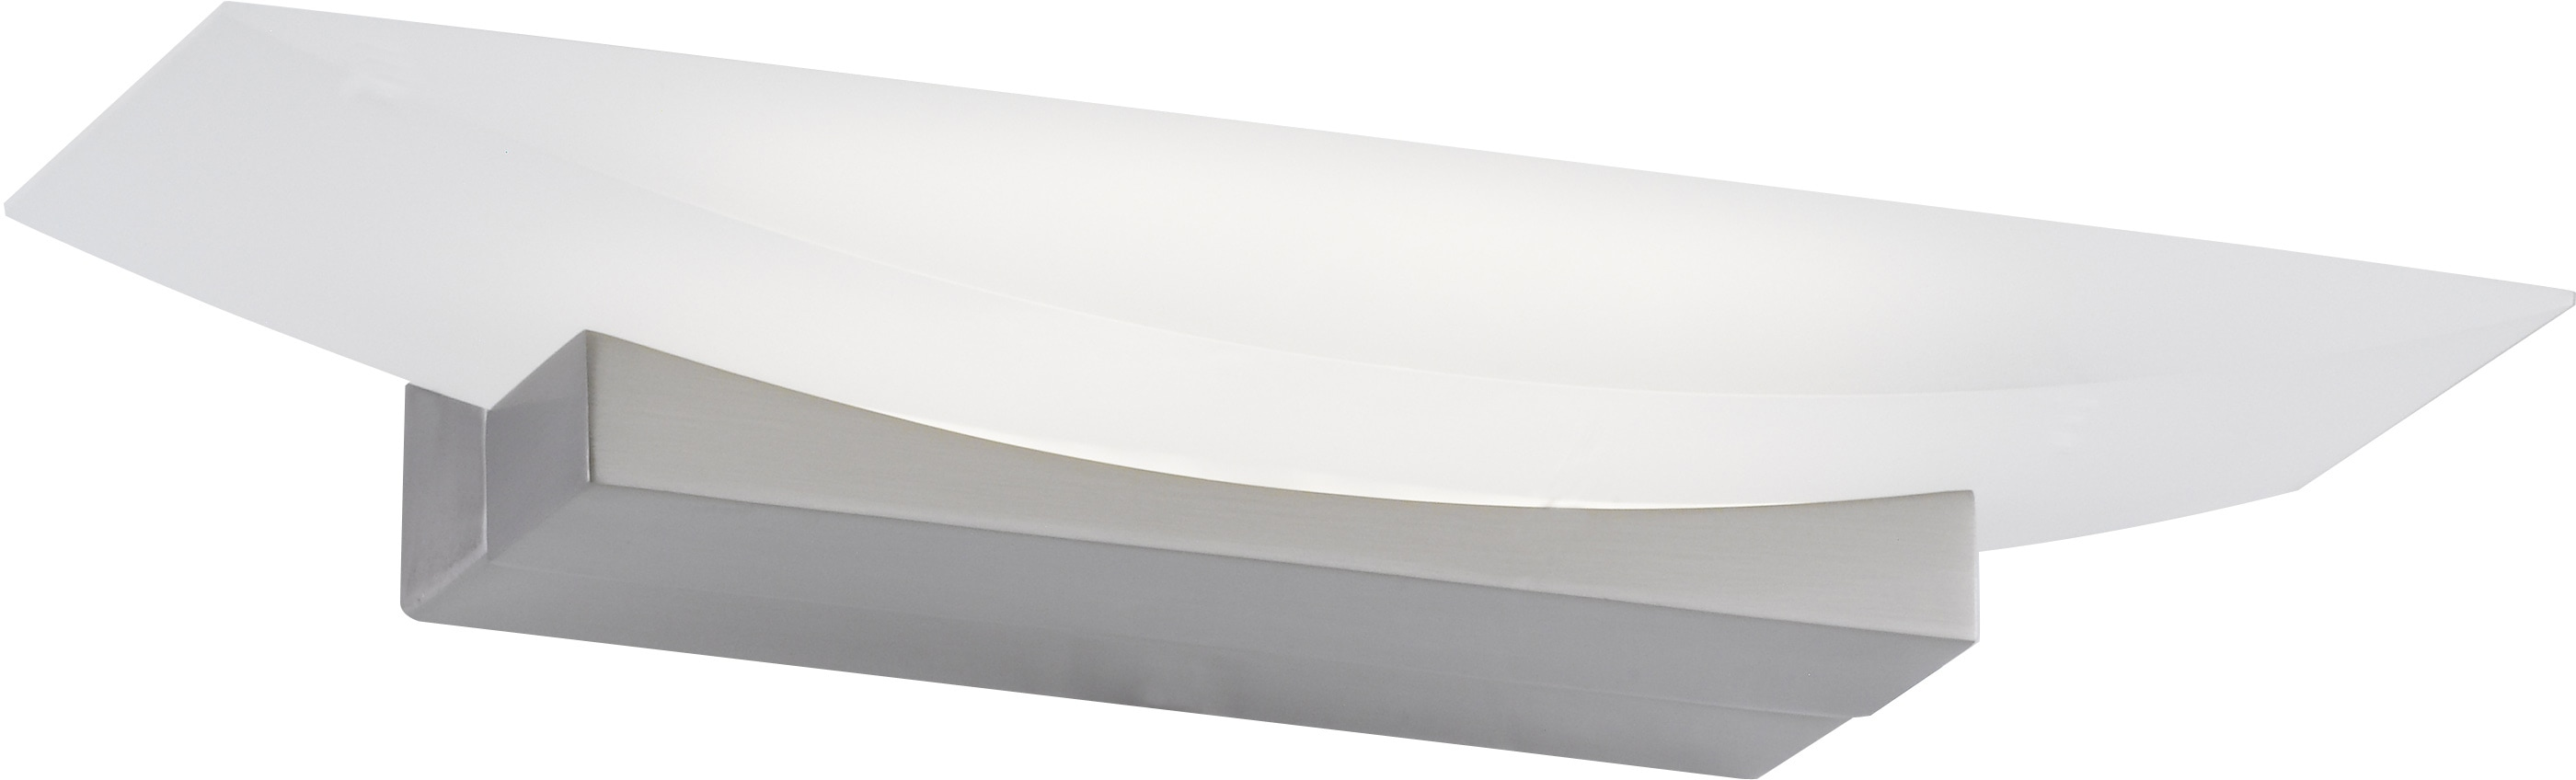 FISCHER & HONSEL LED Wandleuchte Bowl, LED-Modul, Warmweiß